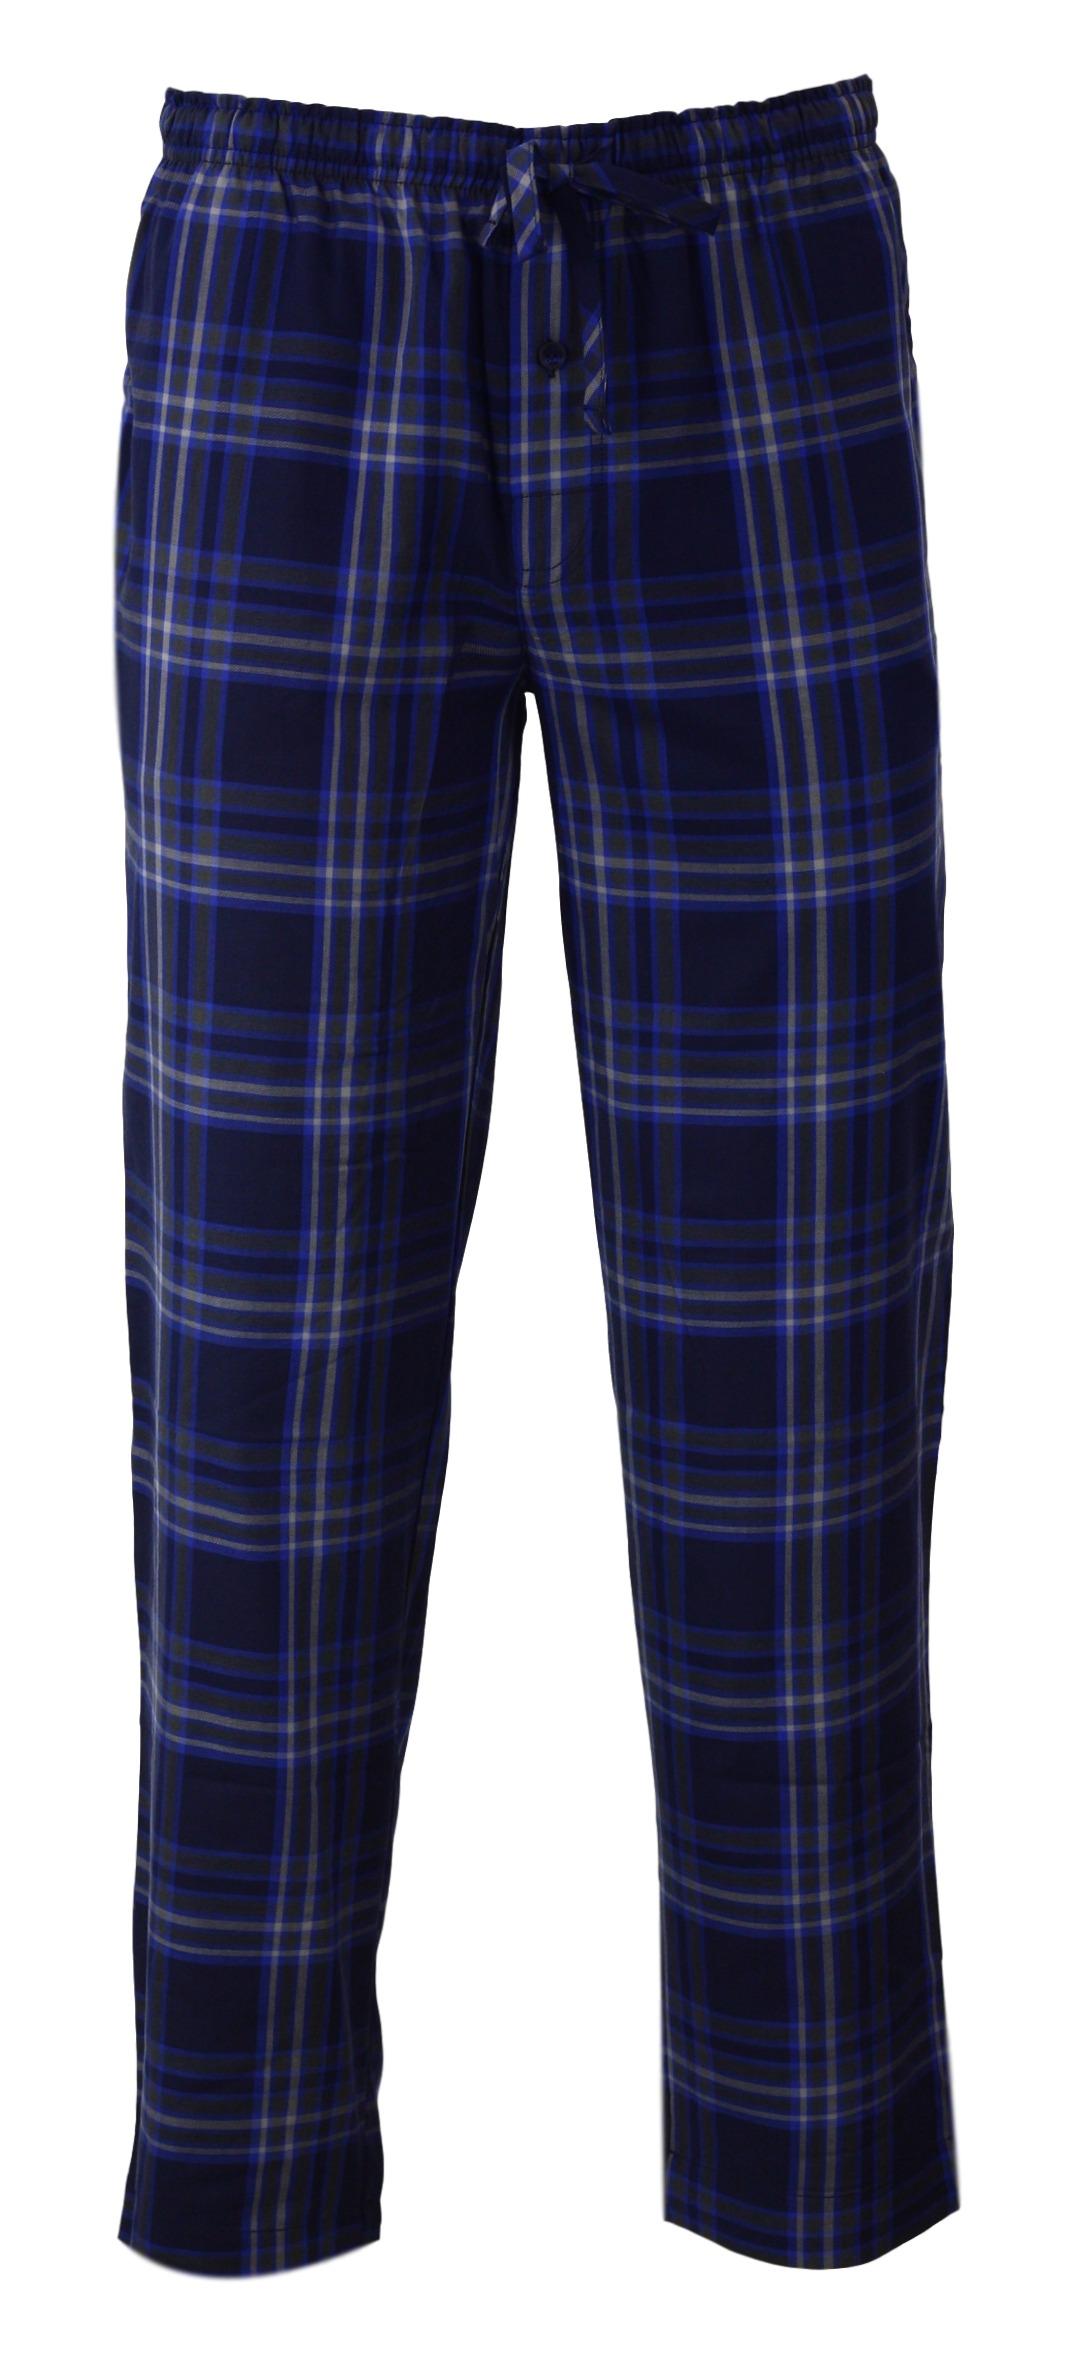 Pánské kalhoty 547514H - Jockey - Modro-šedá/L